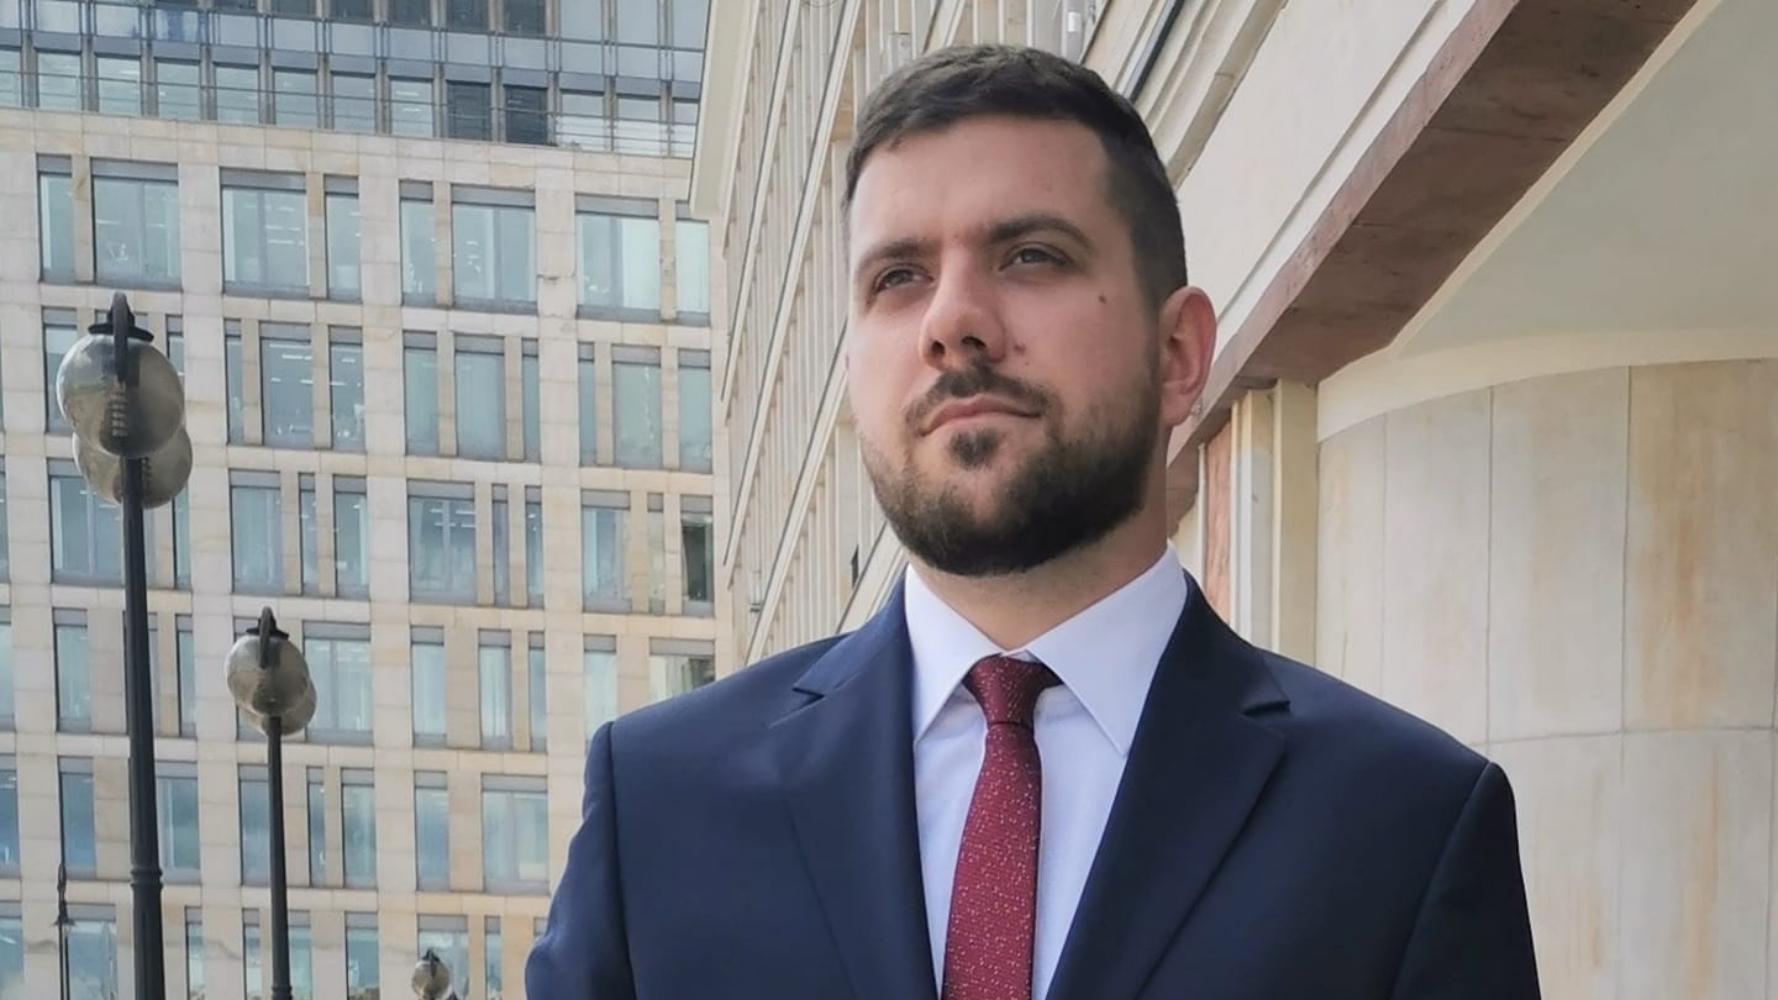 Zaskakujący transfer. Dziennikarz Polsatu przechodzi do TVP info